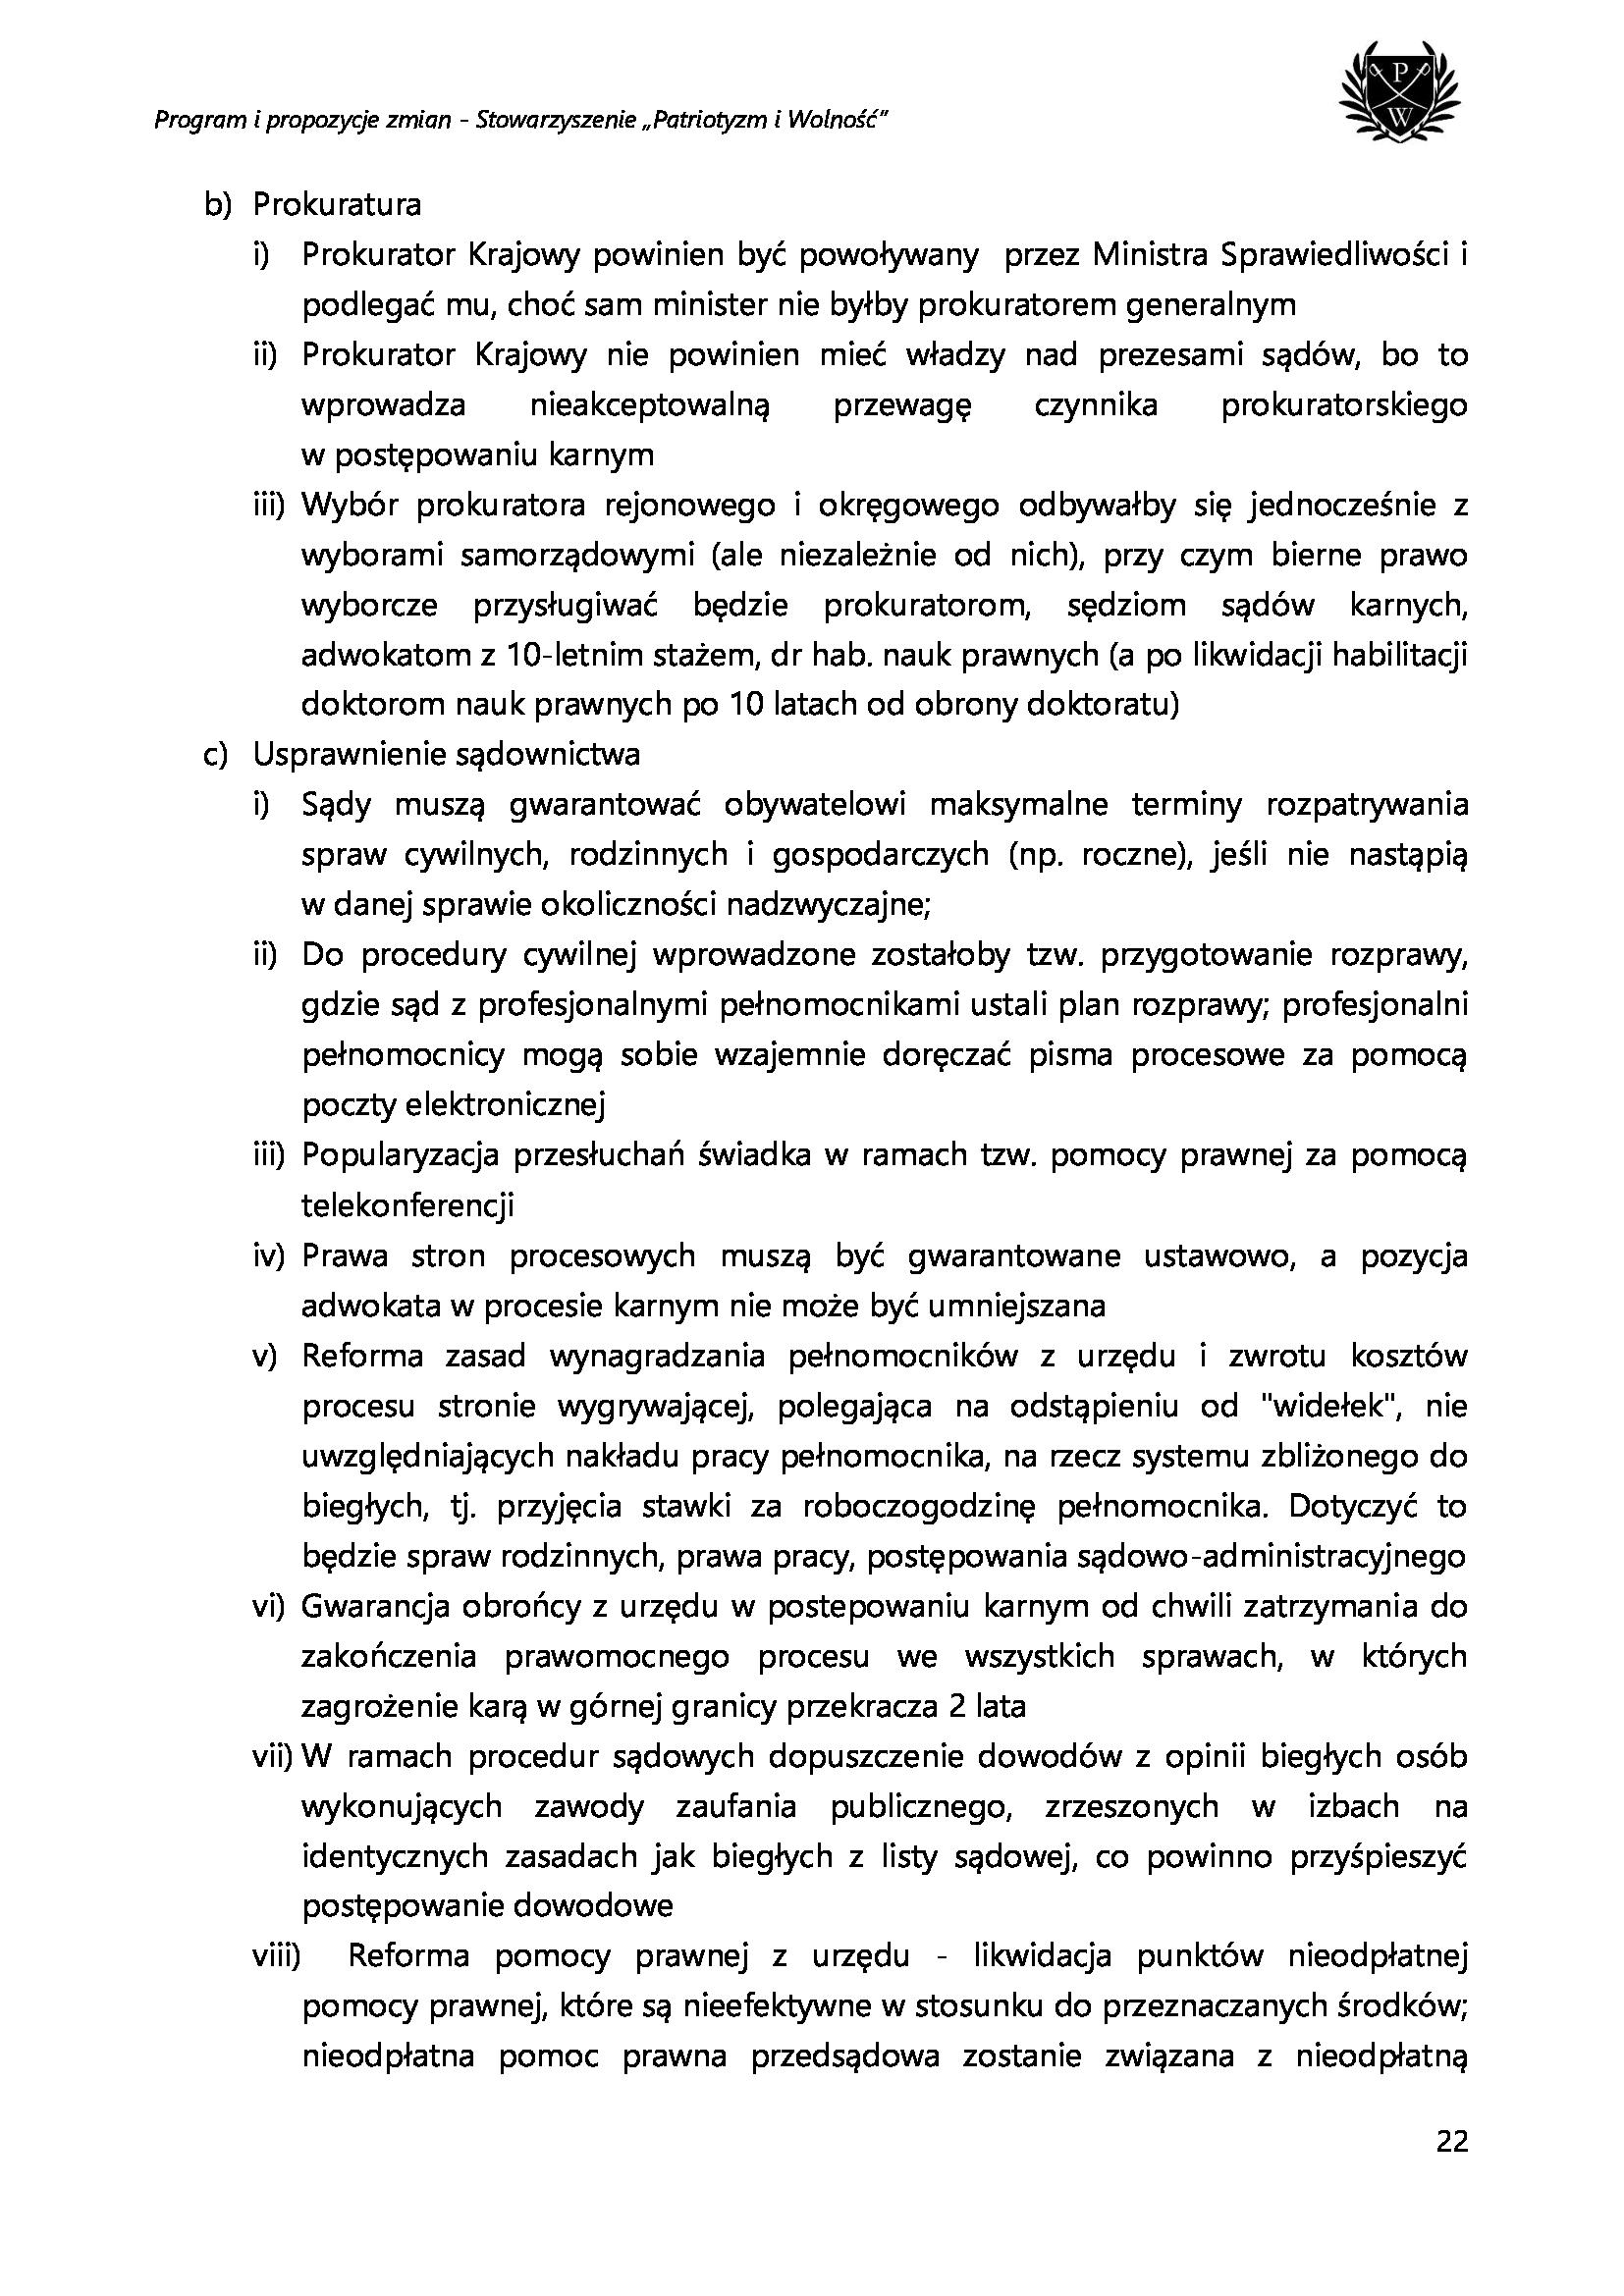 db9e272ef5a9a2e66d26f1905be6c507-22